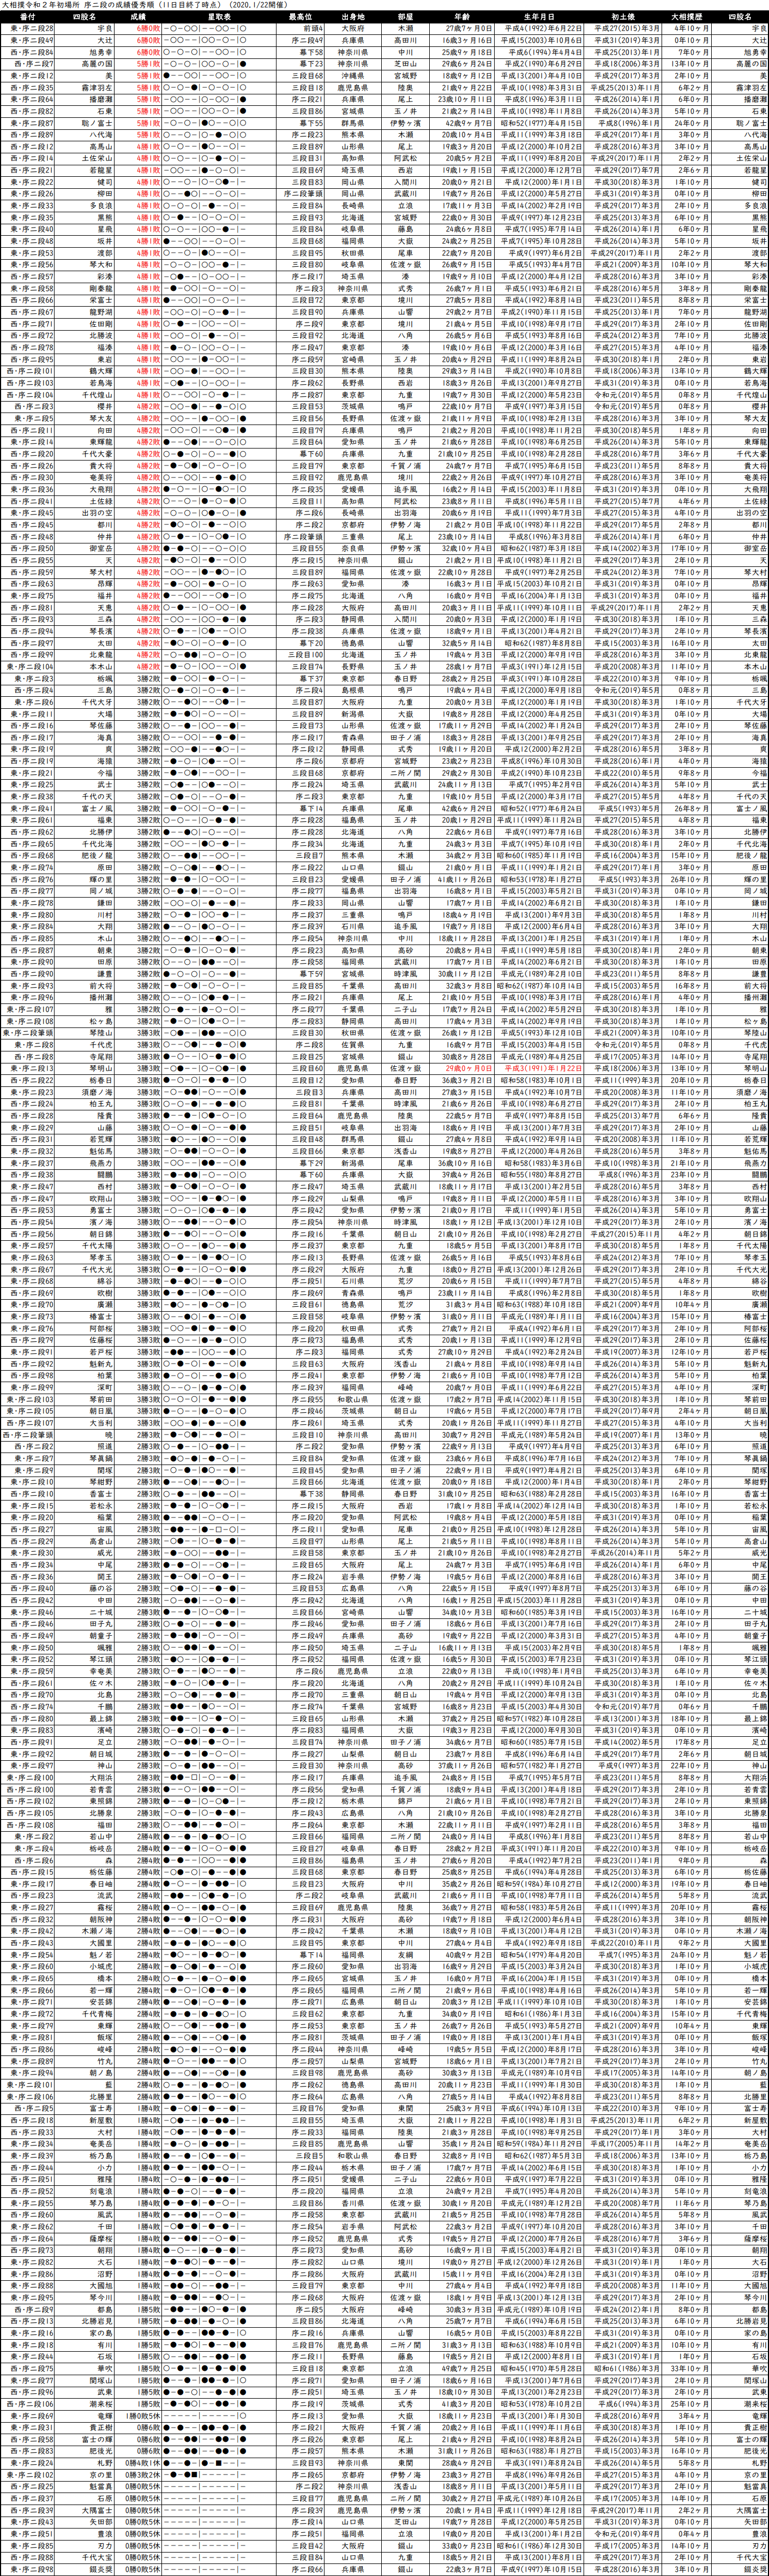 序二段成績順一覧表・2020年1月場所11日目